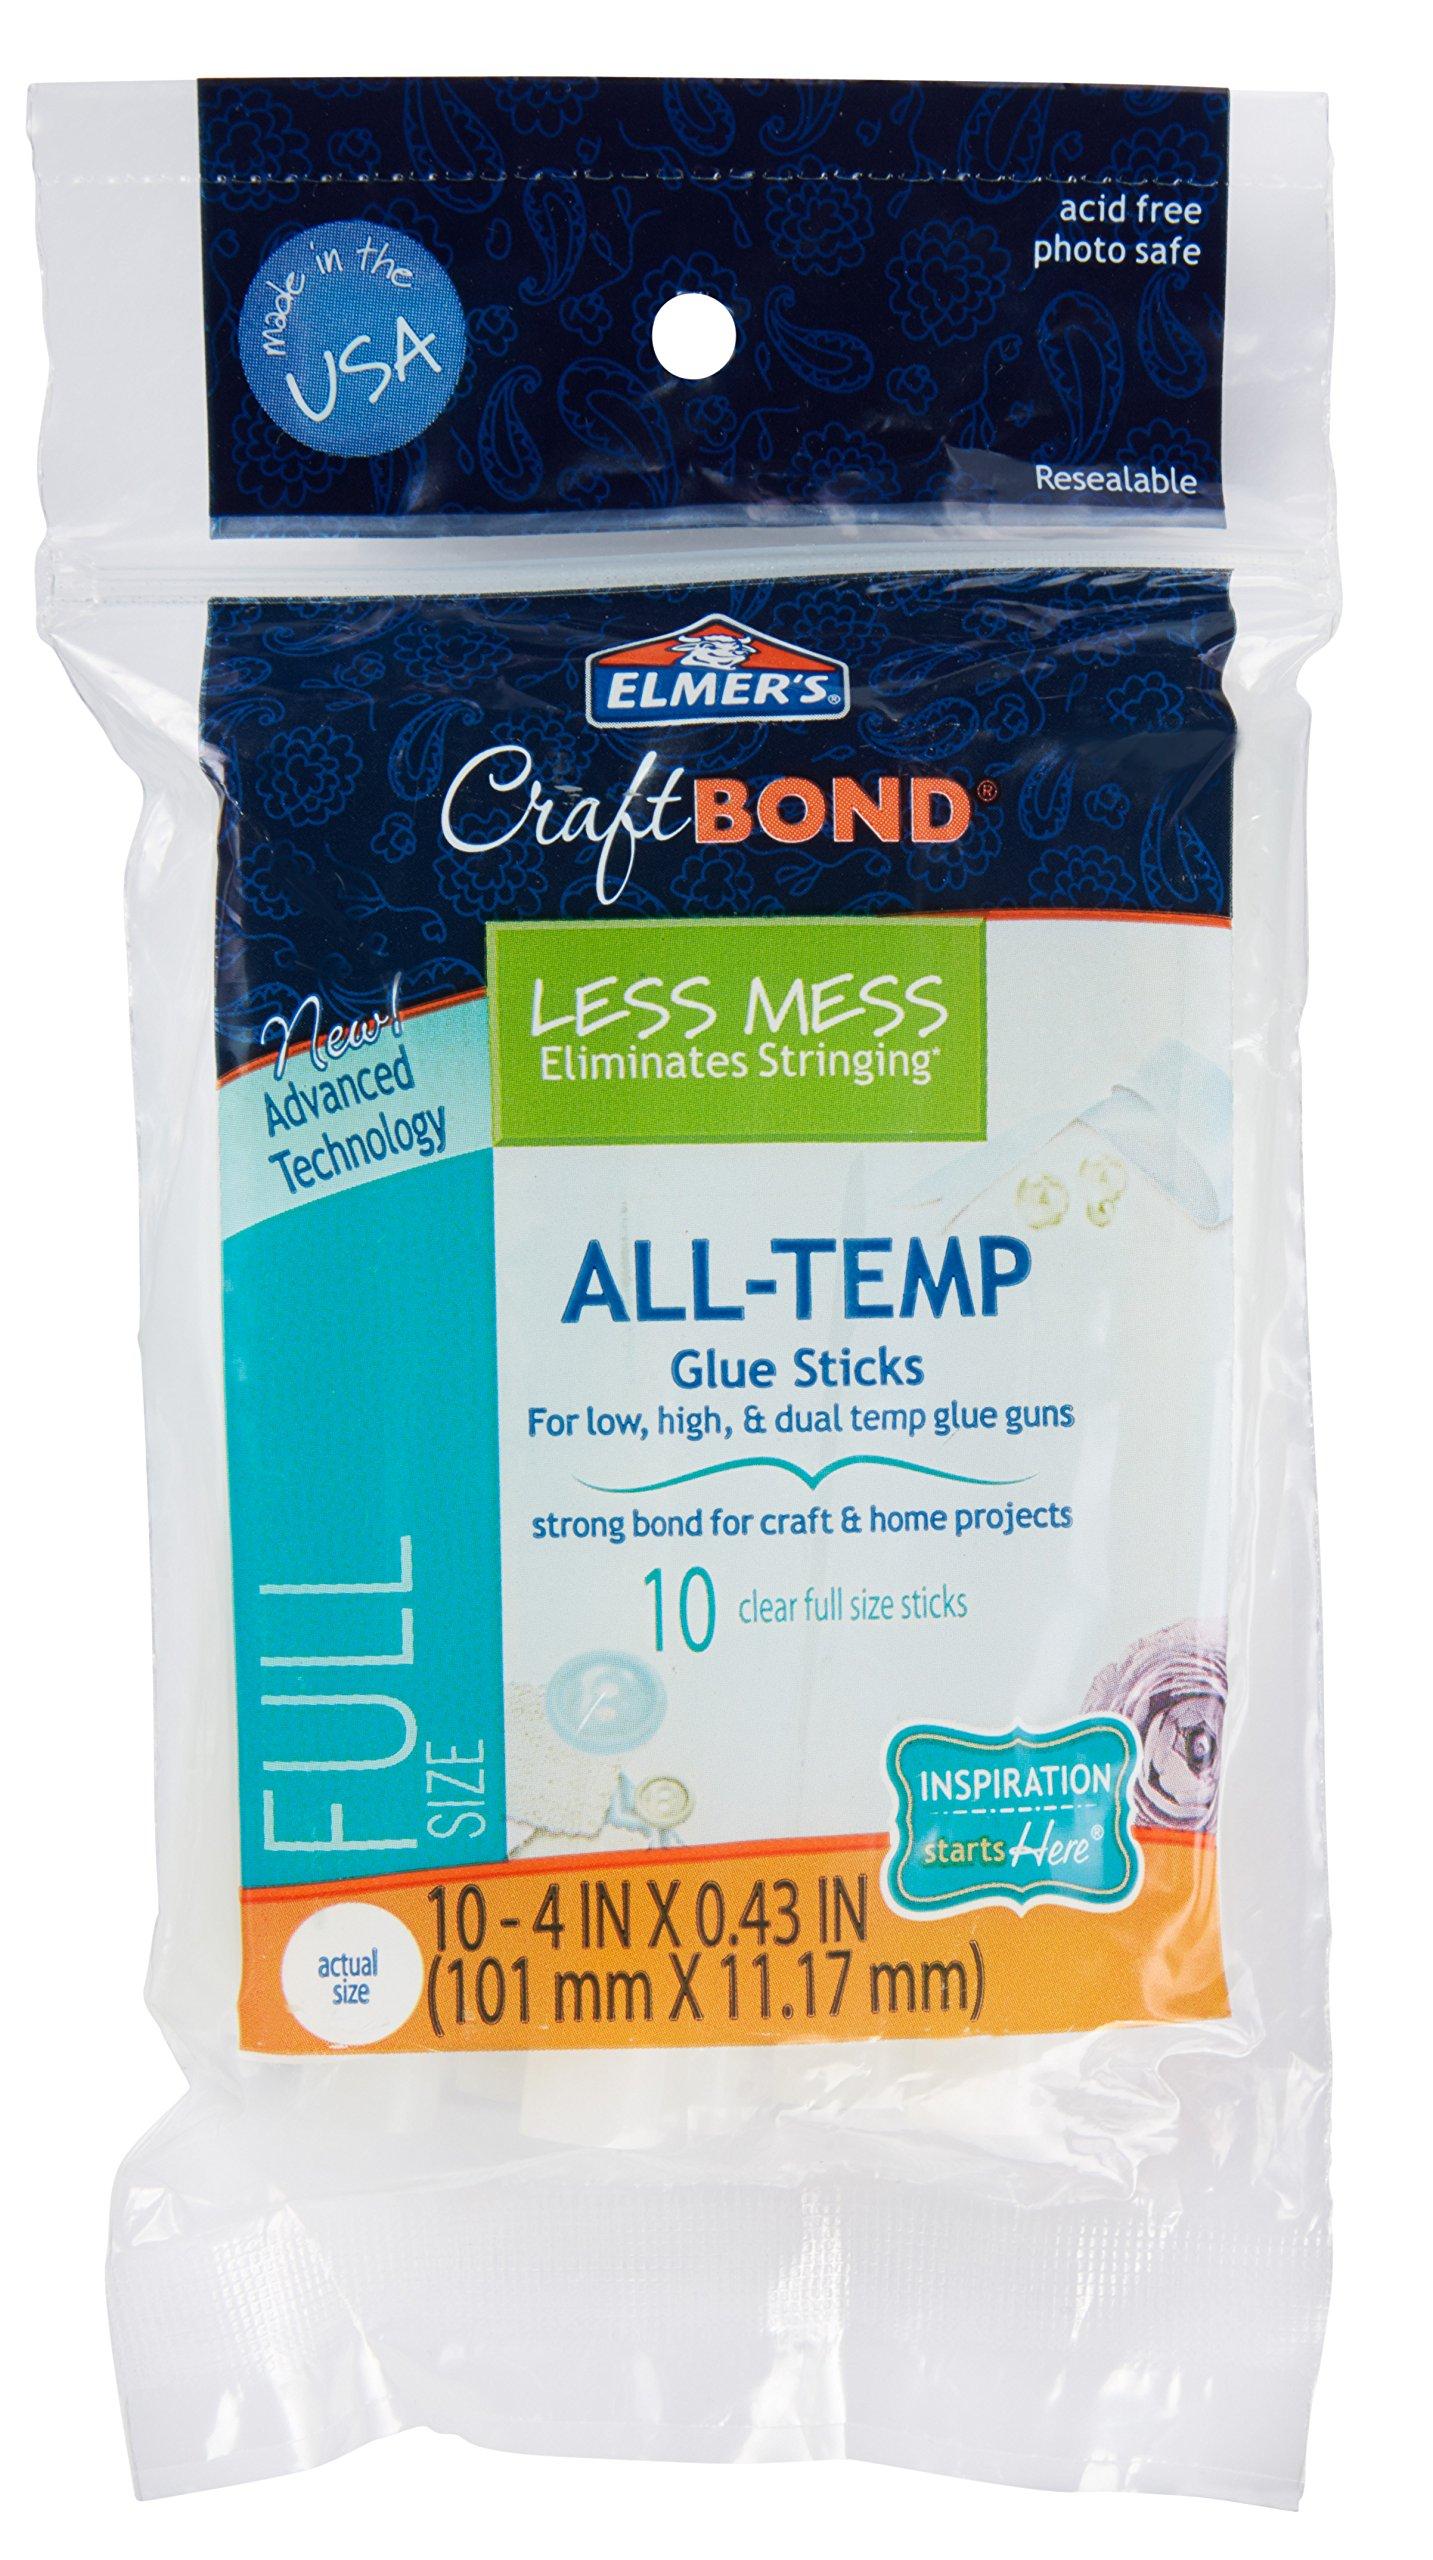 Elmer's Craft Bond Less Mess All-Temp Glue Sticks, 4''x0.43'', 10 Count (E6058)